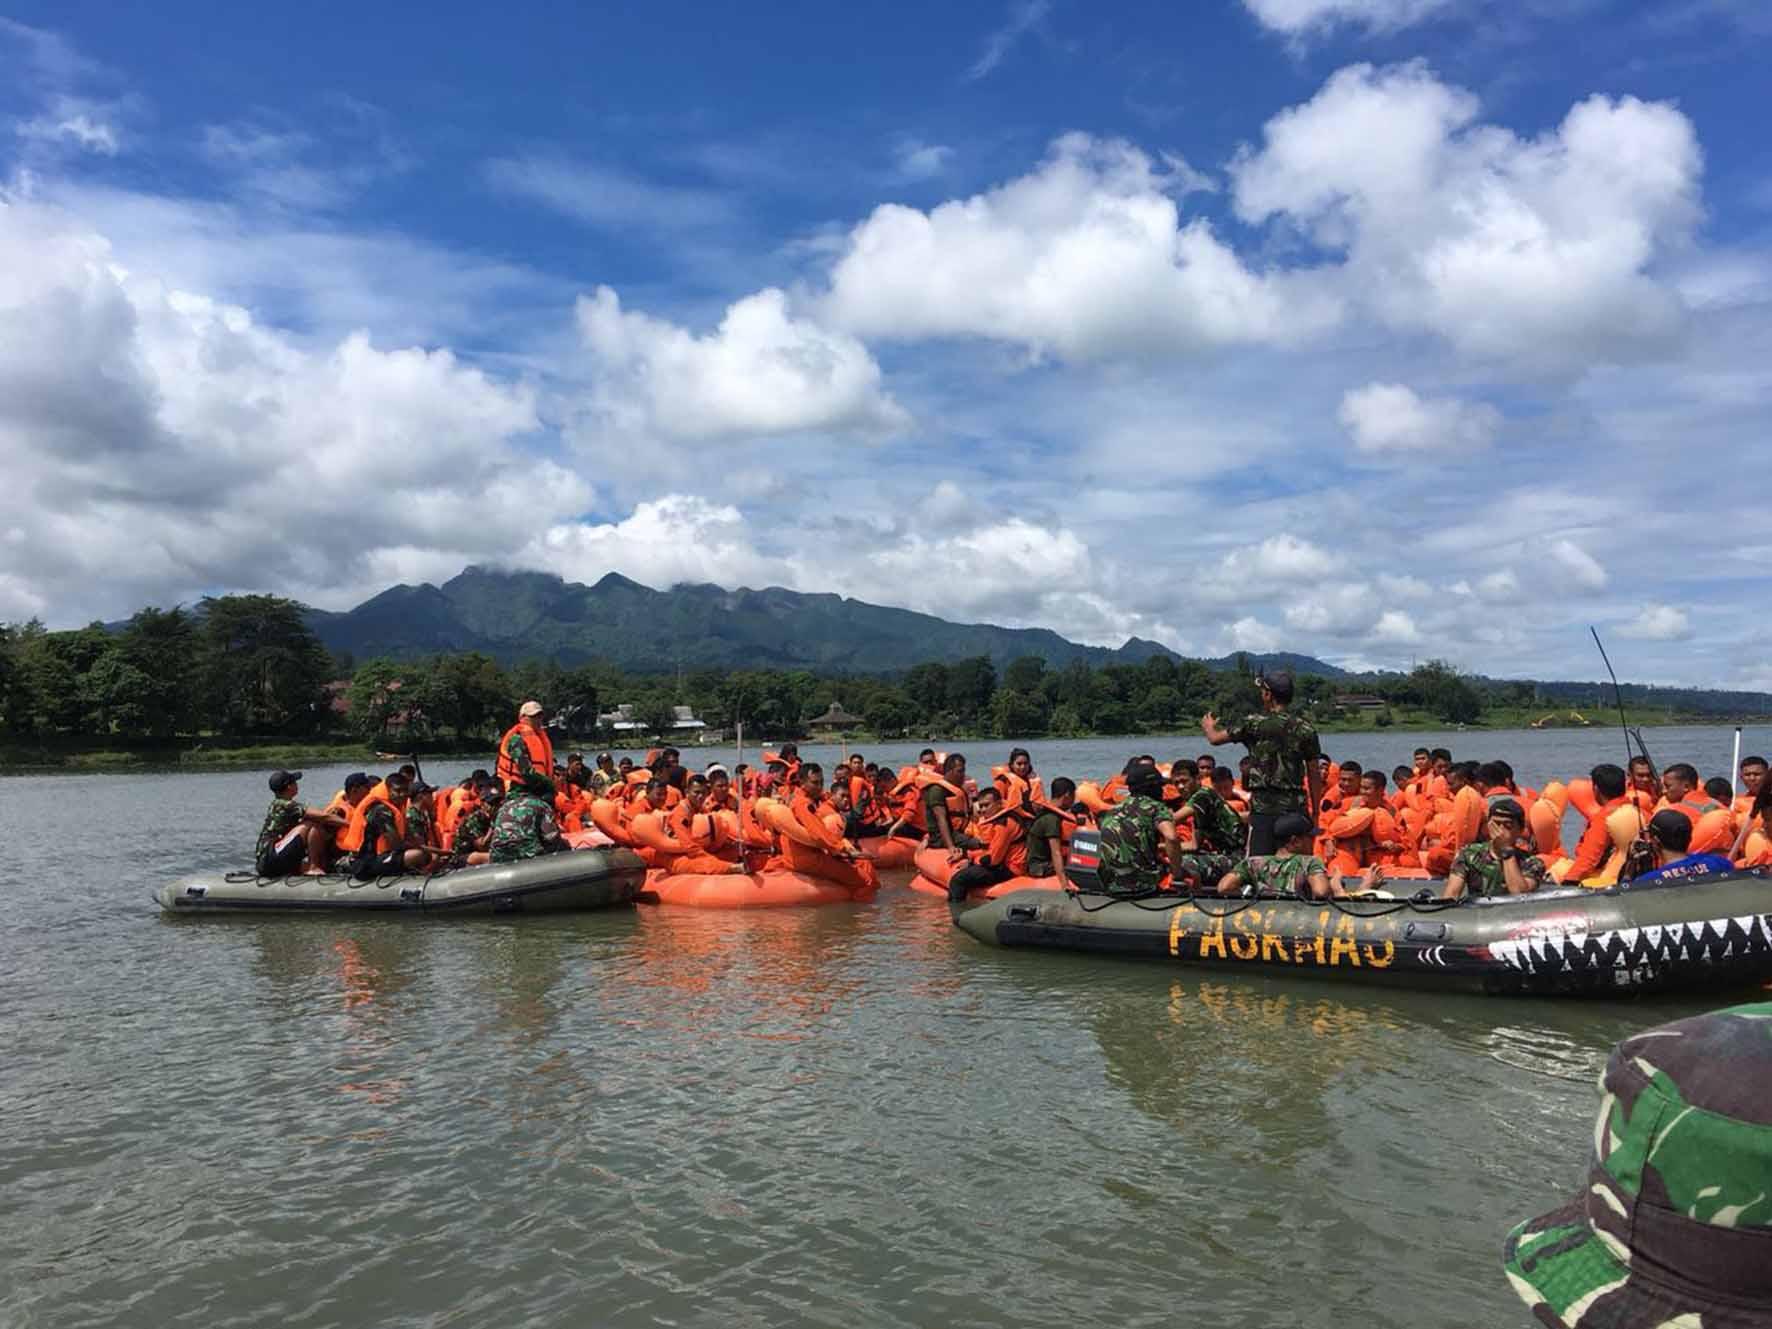 latihan_survival_diatas_dan_bali_perahu_di_waduk_selorejo_kabupaten_malang